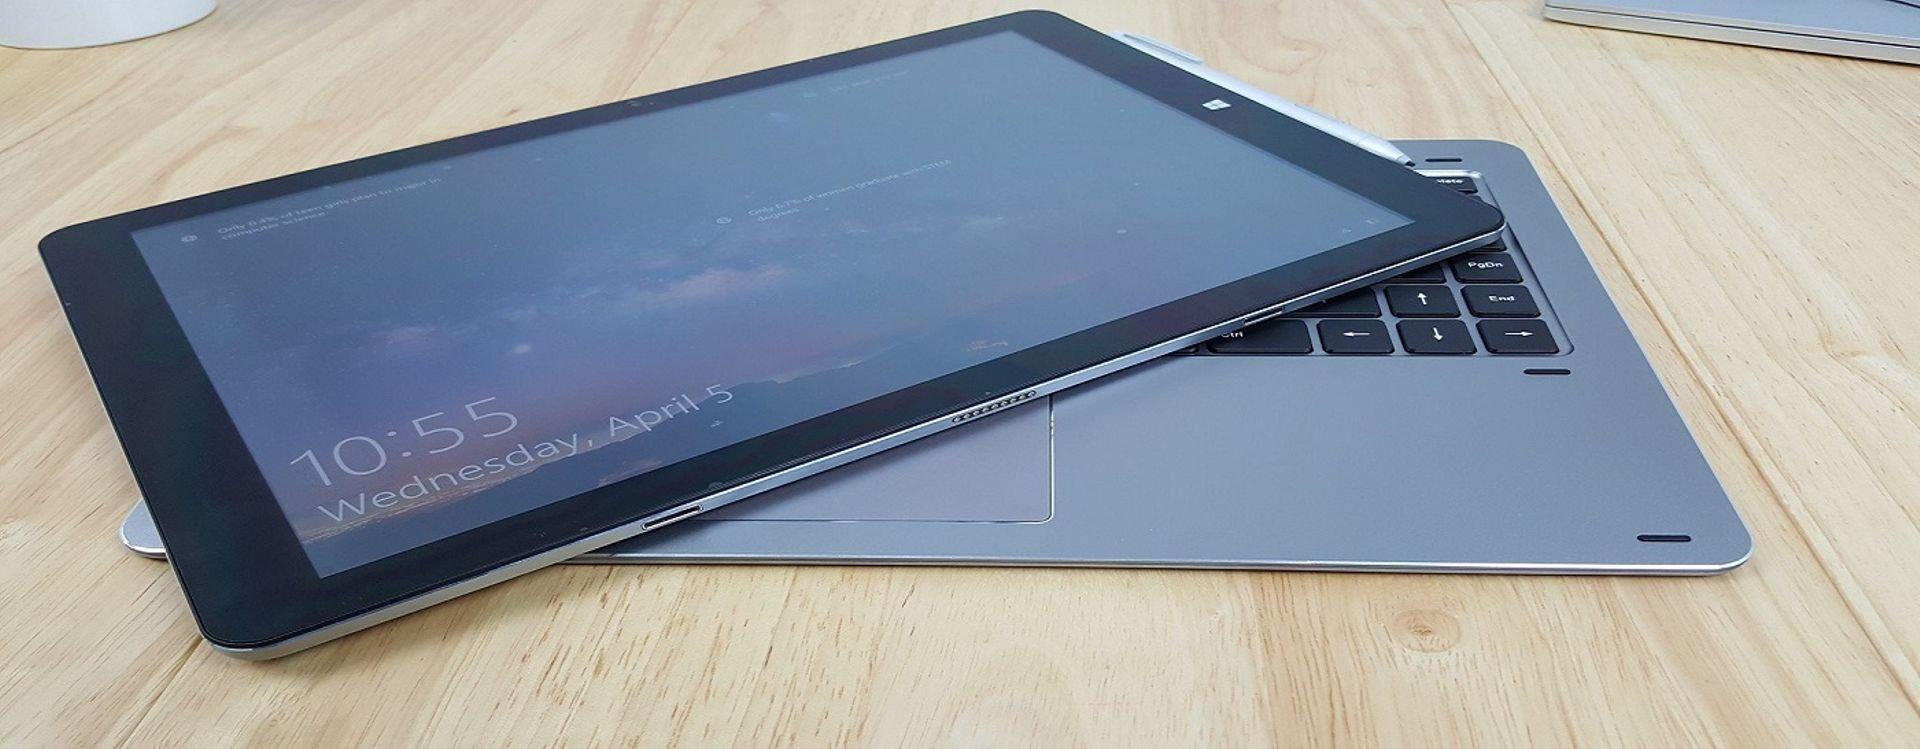 جهاز حاسوب صيني متعدد الاستعمالات ينافس أجهزة سيرفس من مايكروسوفت